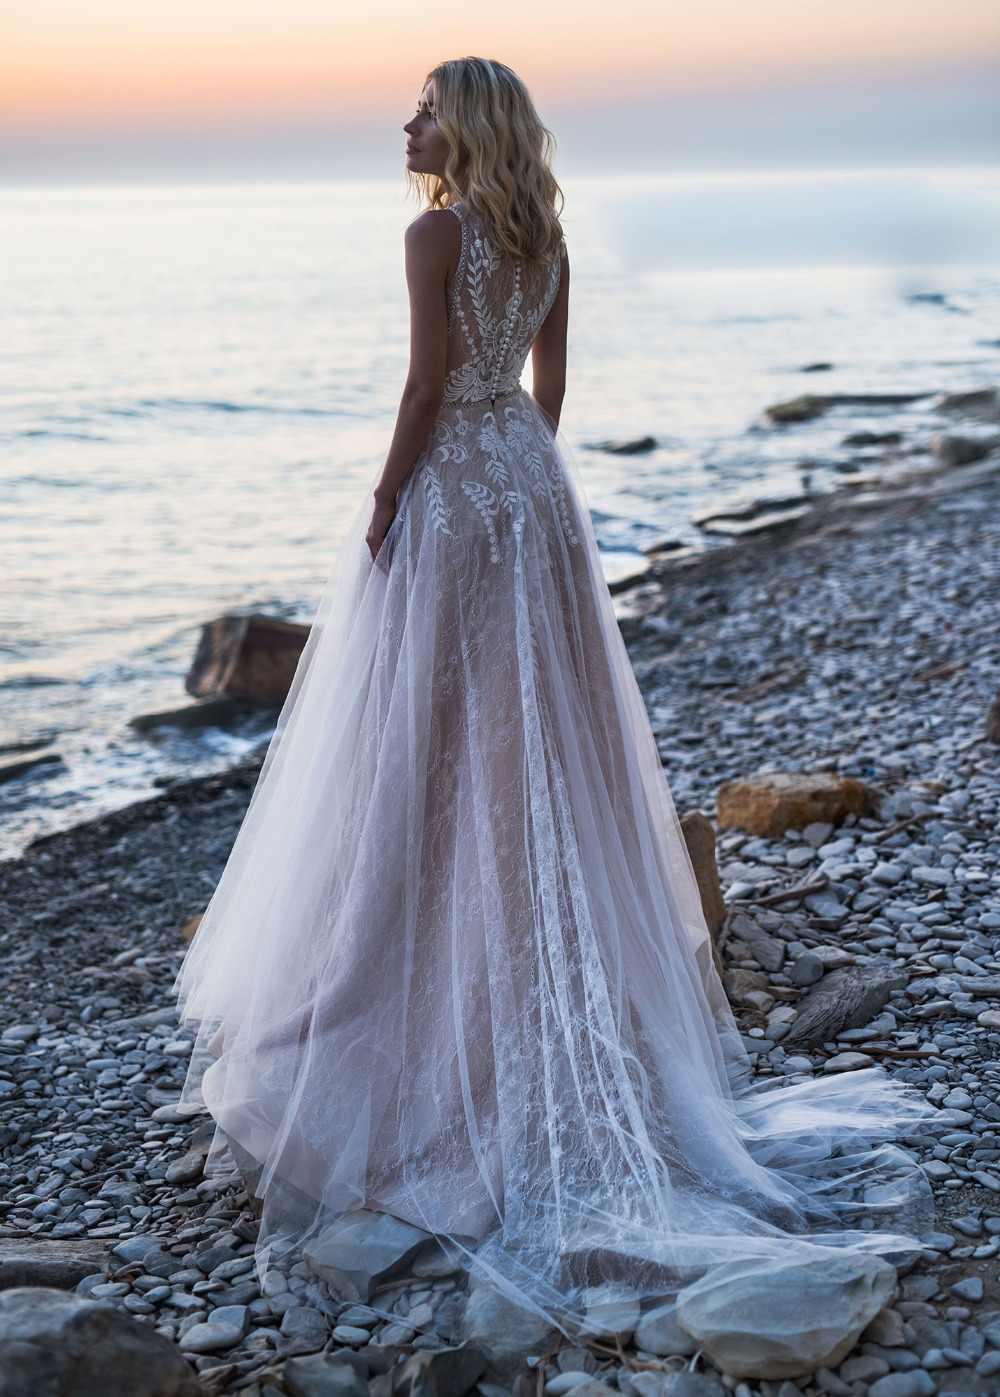 2019 בוהמי חתונת שמלות תכשיט תחרה אפליקציות חרוזים כלה שמלות כפתור חזרה חוף קו חתונת שמלת חלוק דה Mariee